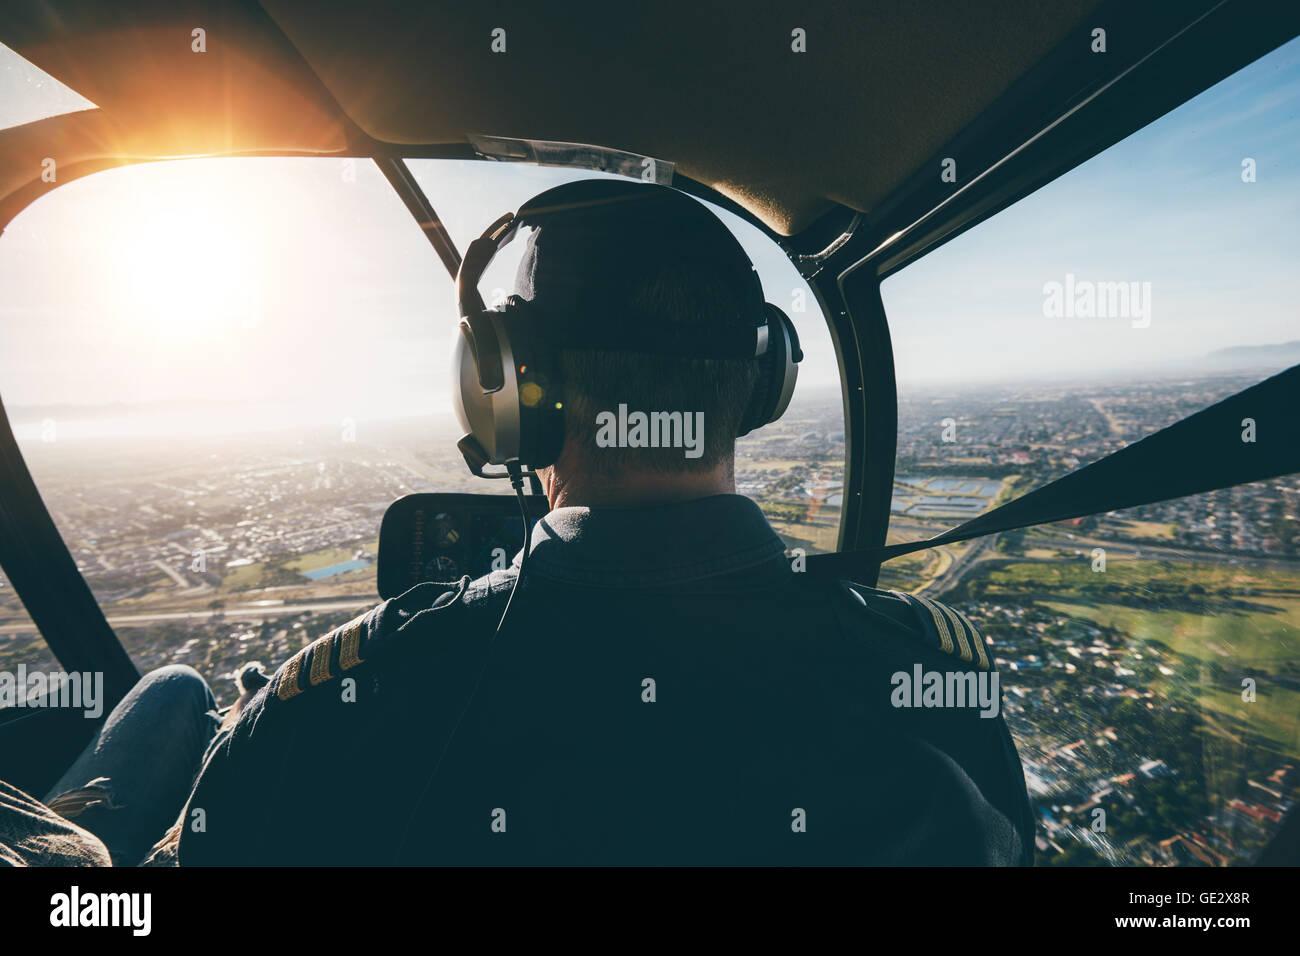 Vista trasera de un macho piloto de un helicóptero en día soleado. Imagen De Stock